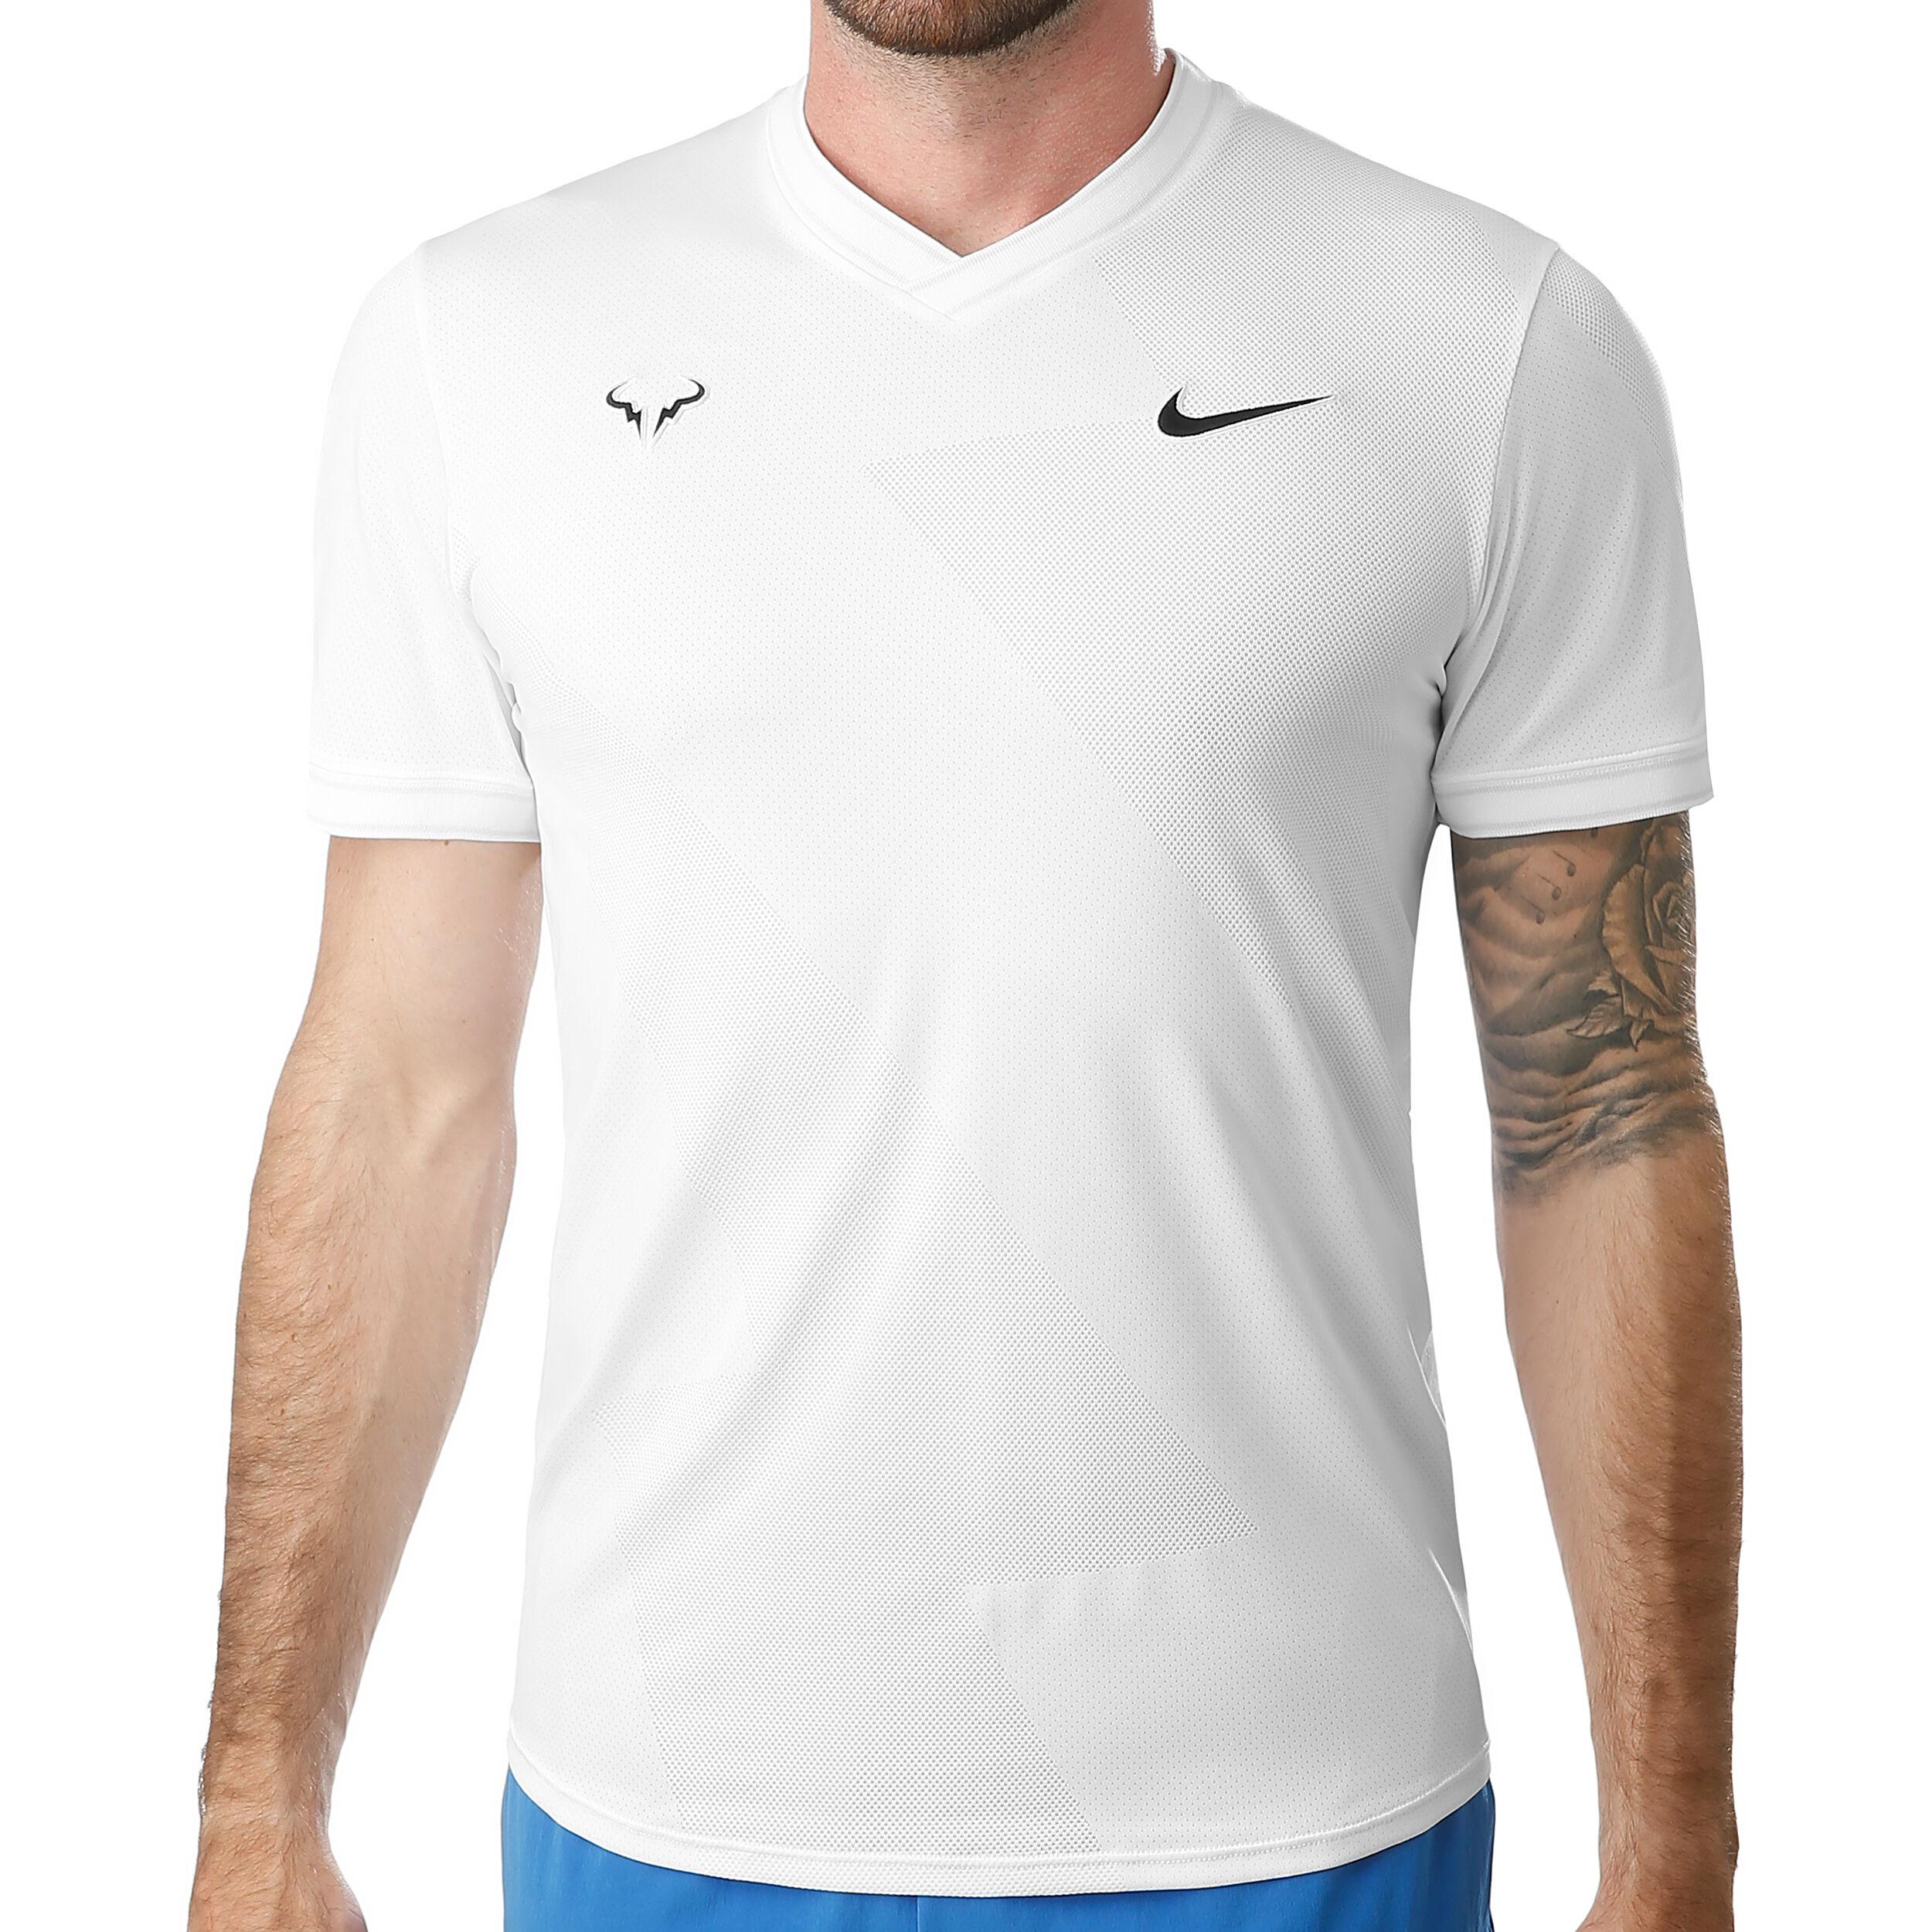 Nike En Acheter Vêtements Lignepoint Lqzpugsmv De Tennis nkwOX0P8